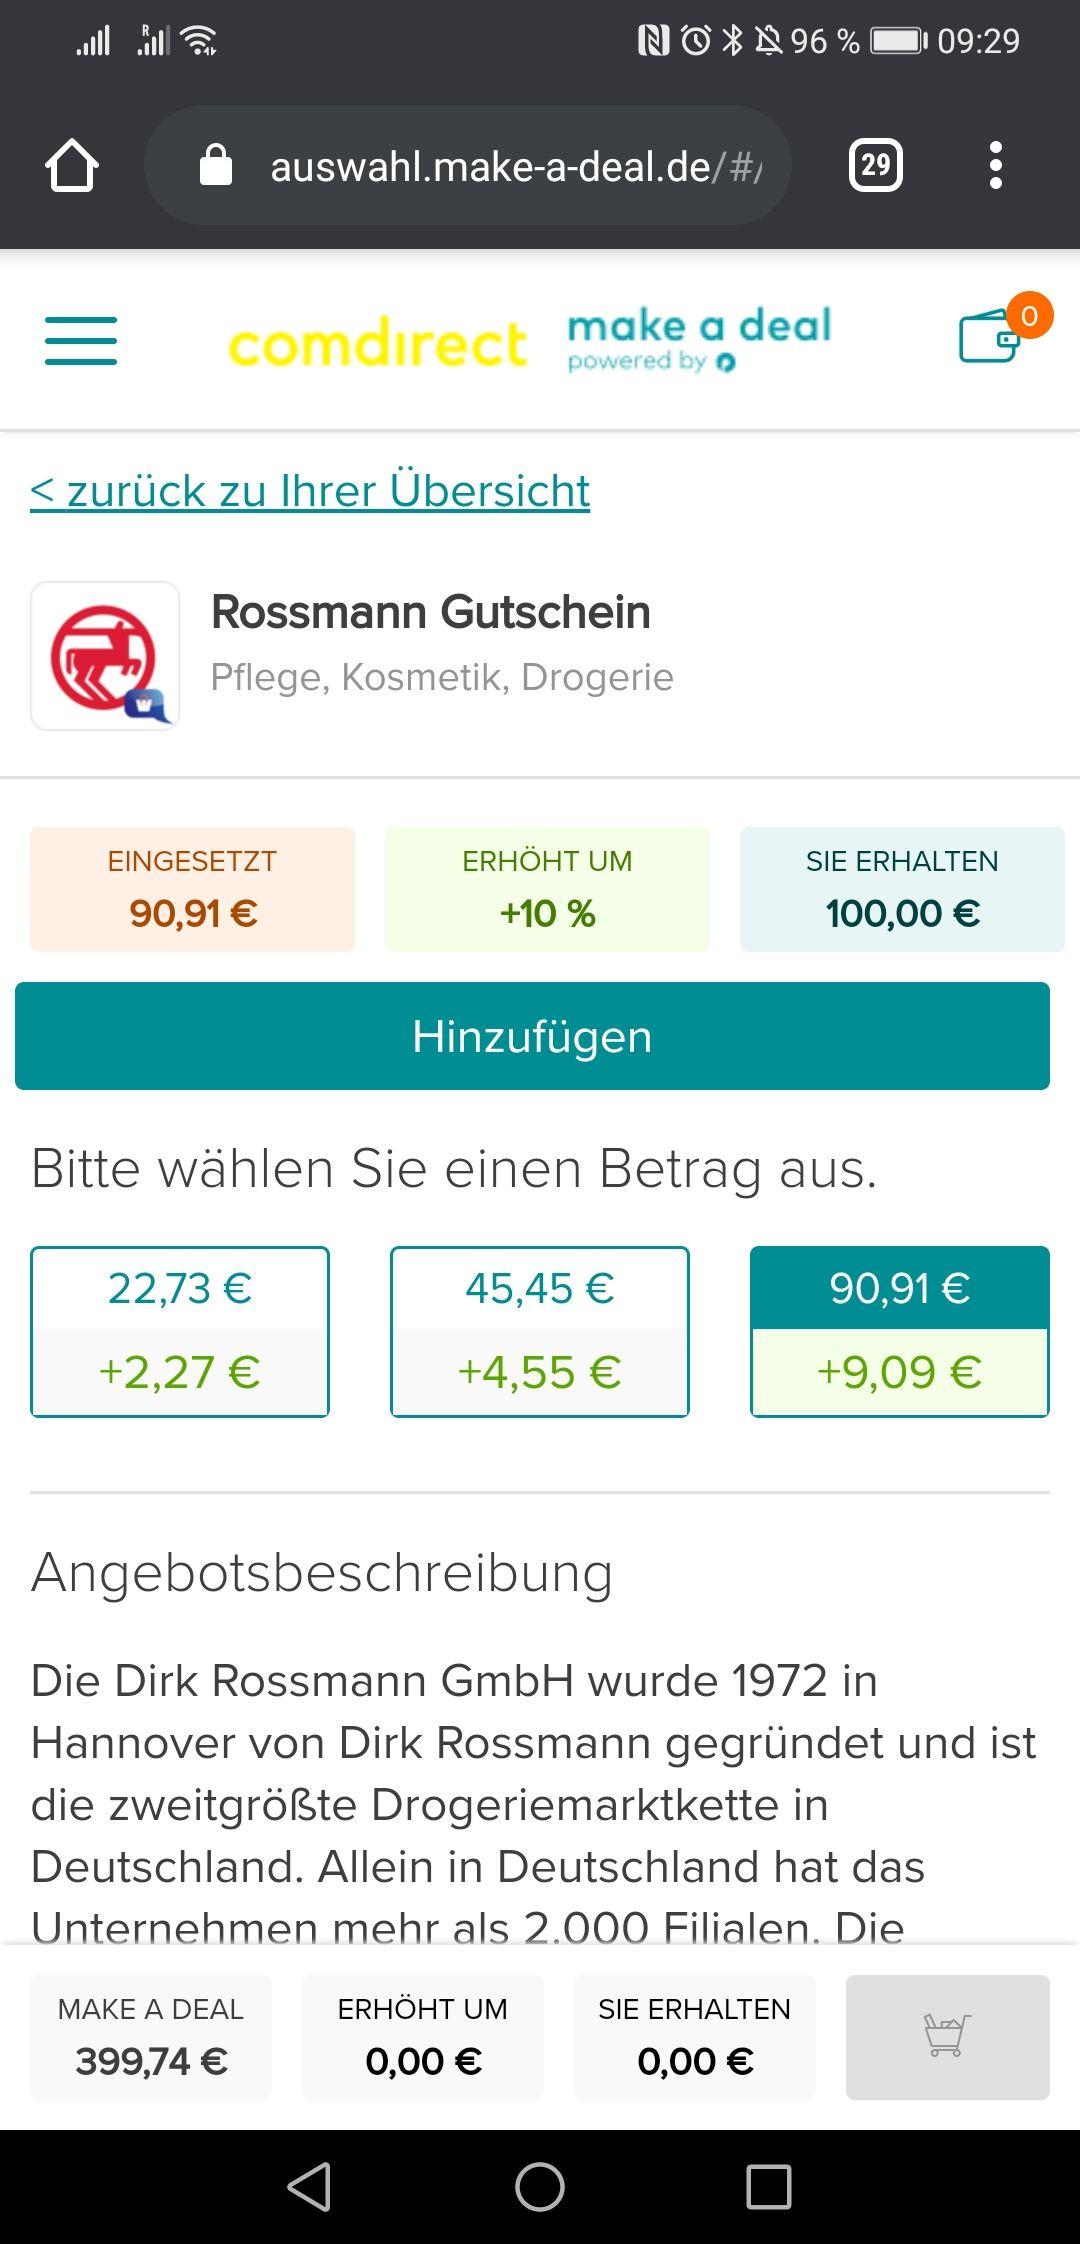 www.make-a-deal.de Gutscheinportal optiopay *verfügbar für comdirect Kunden z. B. Rossmann Gutscheine